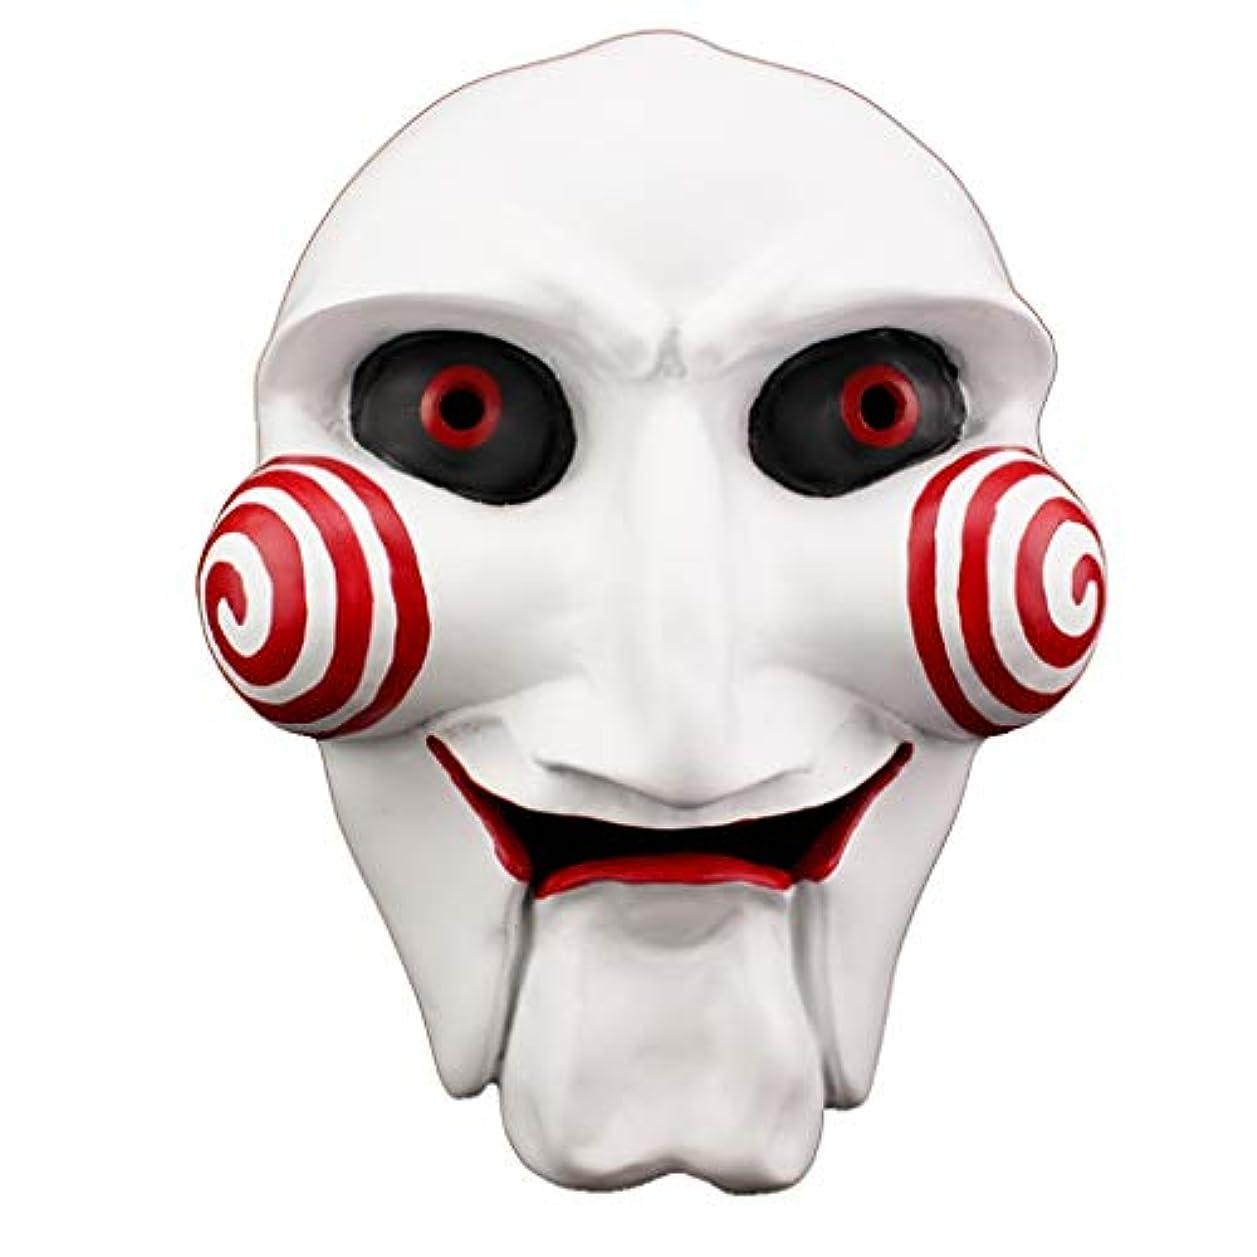 花瓶後ろ、背後、背面(部操るハロウィンホラーマスク、チェーンソークリプトテーママスクマスカレード樹脂マスク(22.5 * 12 cm)